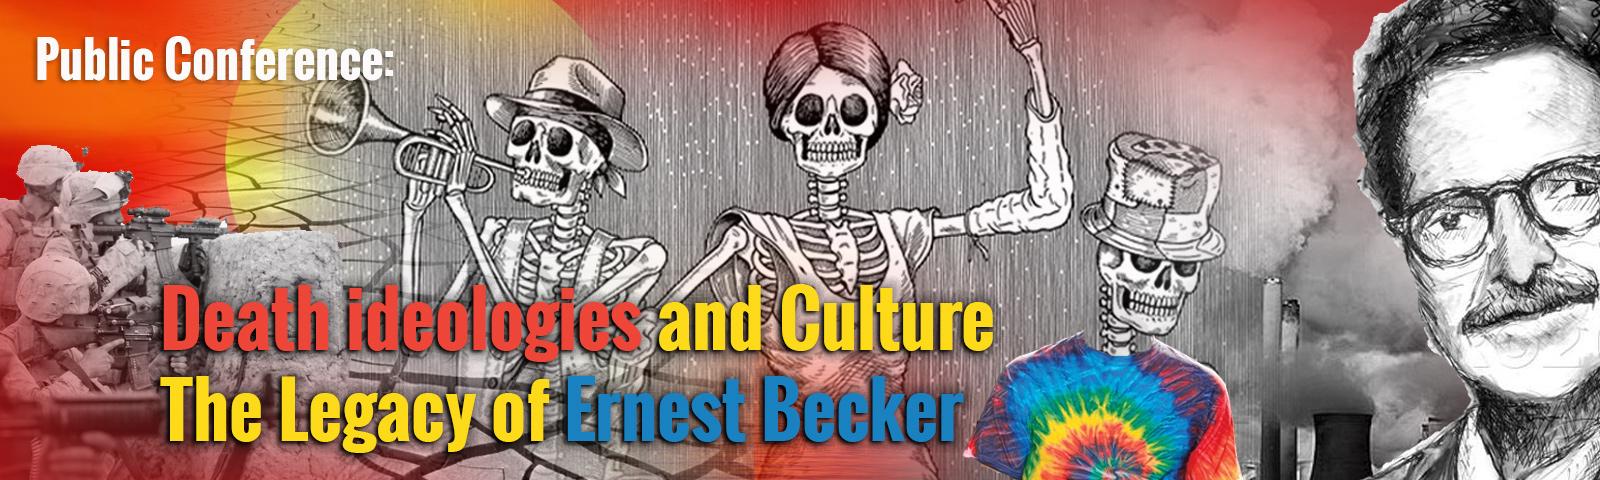 Becker-DeathIdeologiesAndCulture.jpg